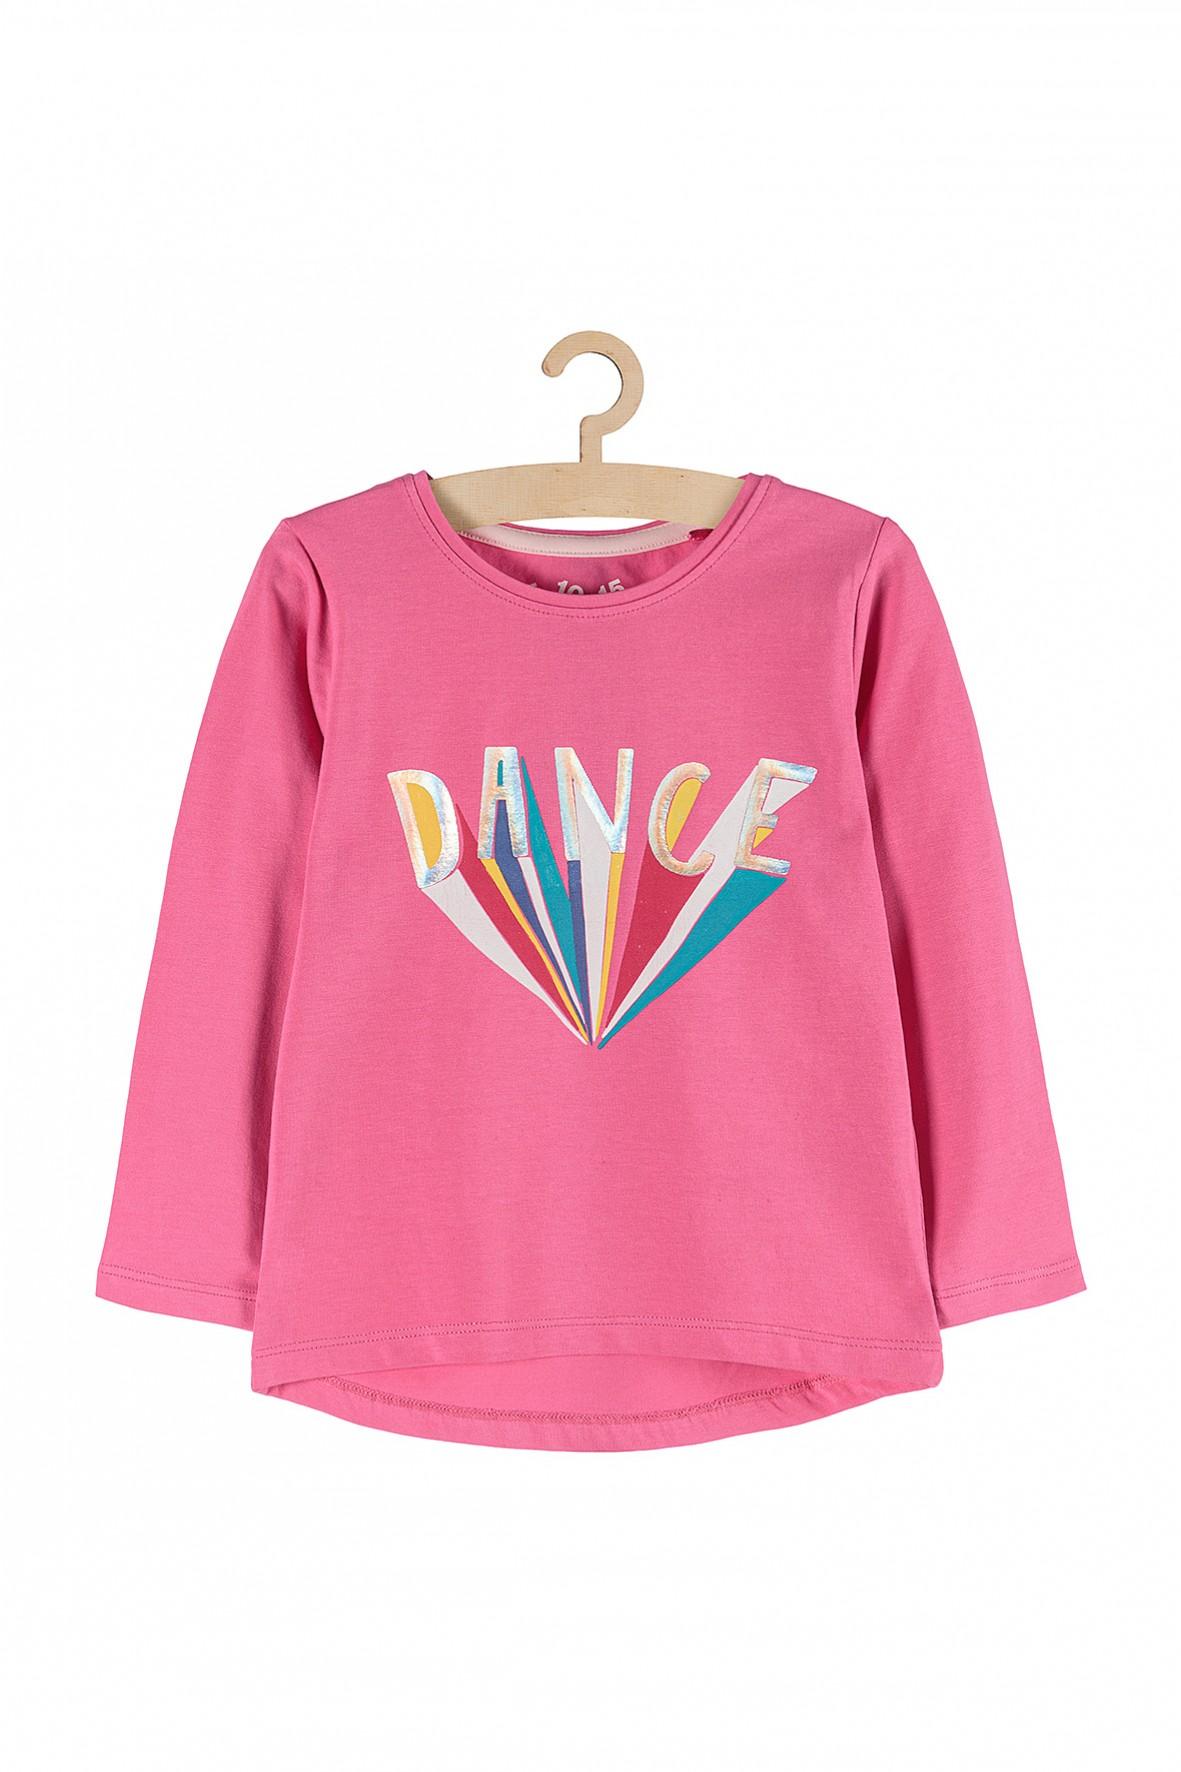 Bluzka dziewczęca różowa z napisem Dance